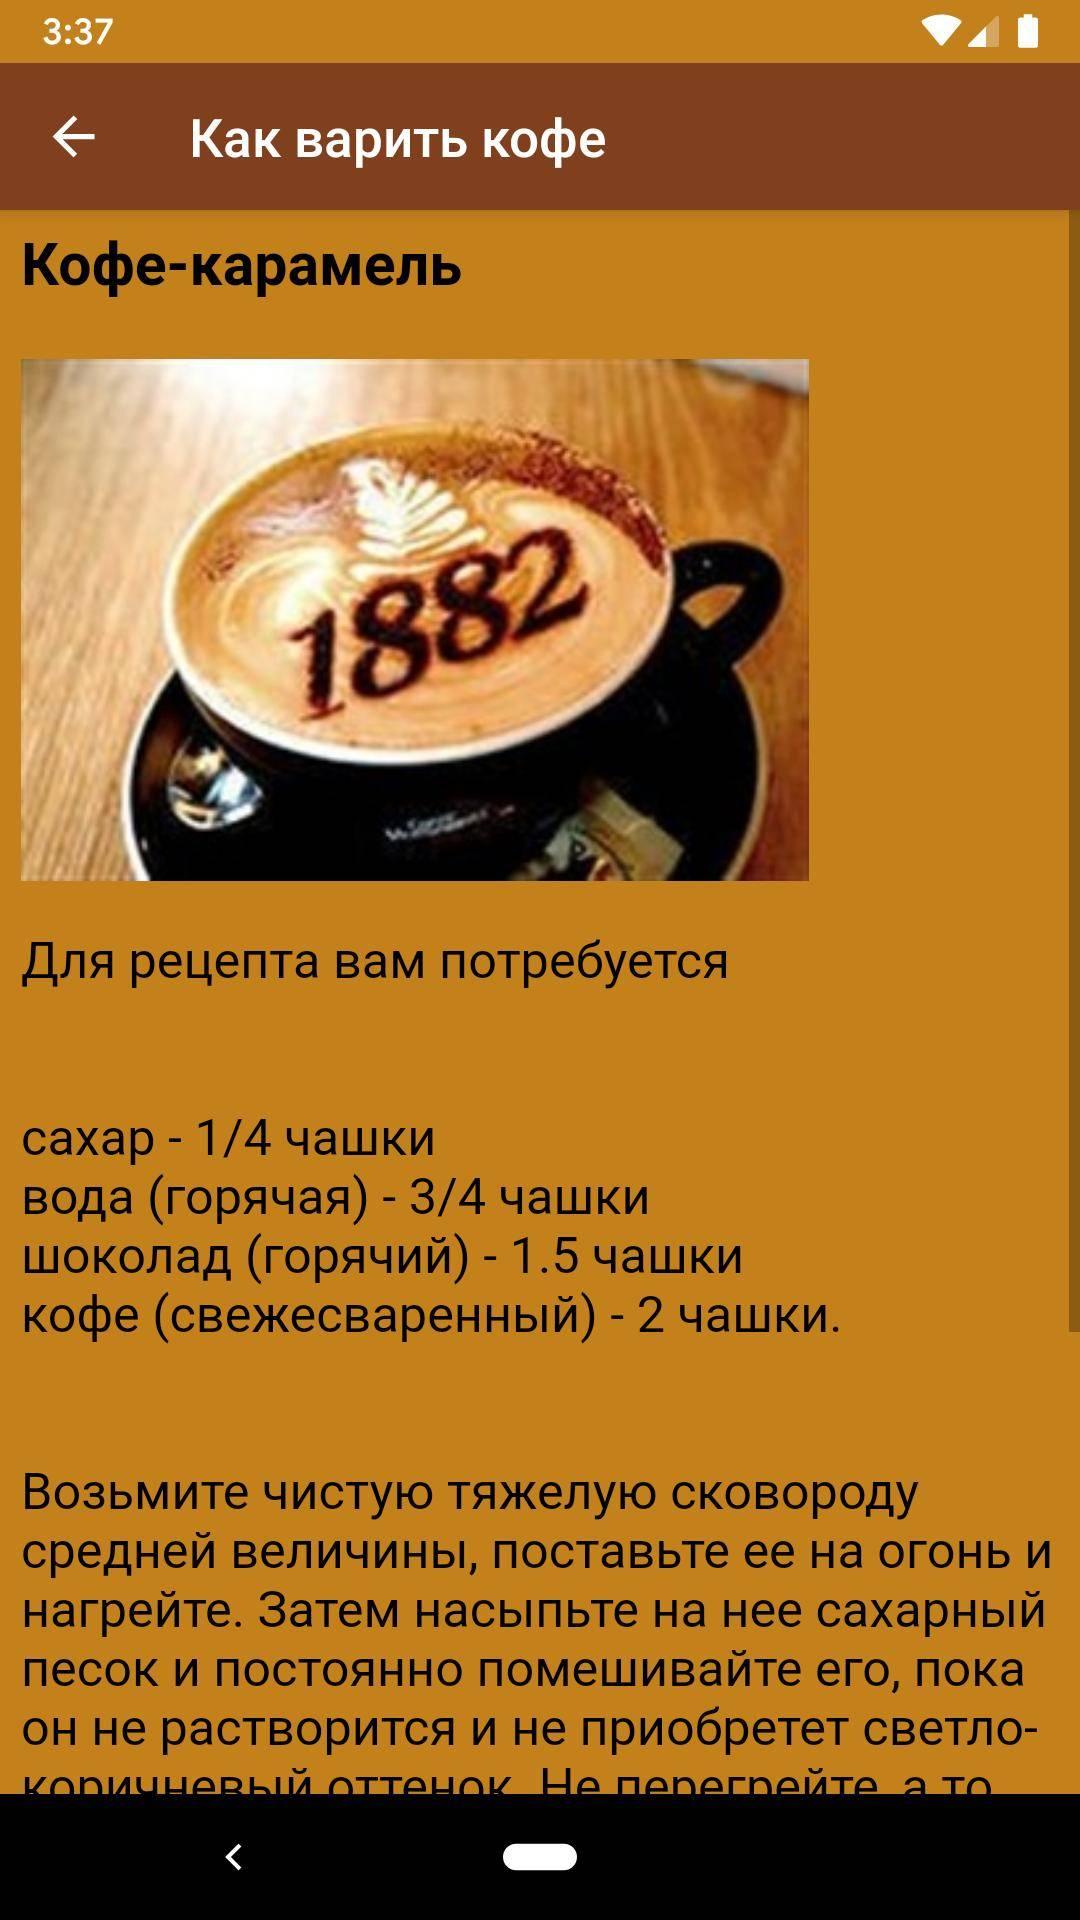 Способы приготовления кофе без турки и кофеварки. как сварить любимый напиток вкусно и правильно в домашних условиях?